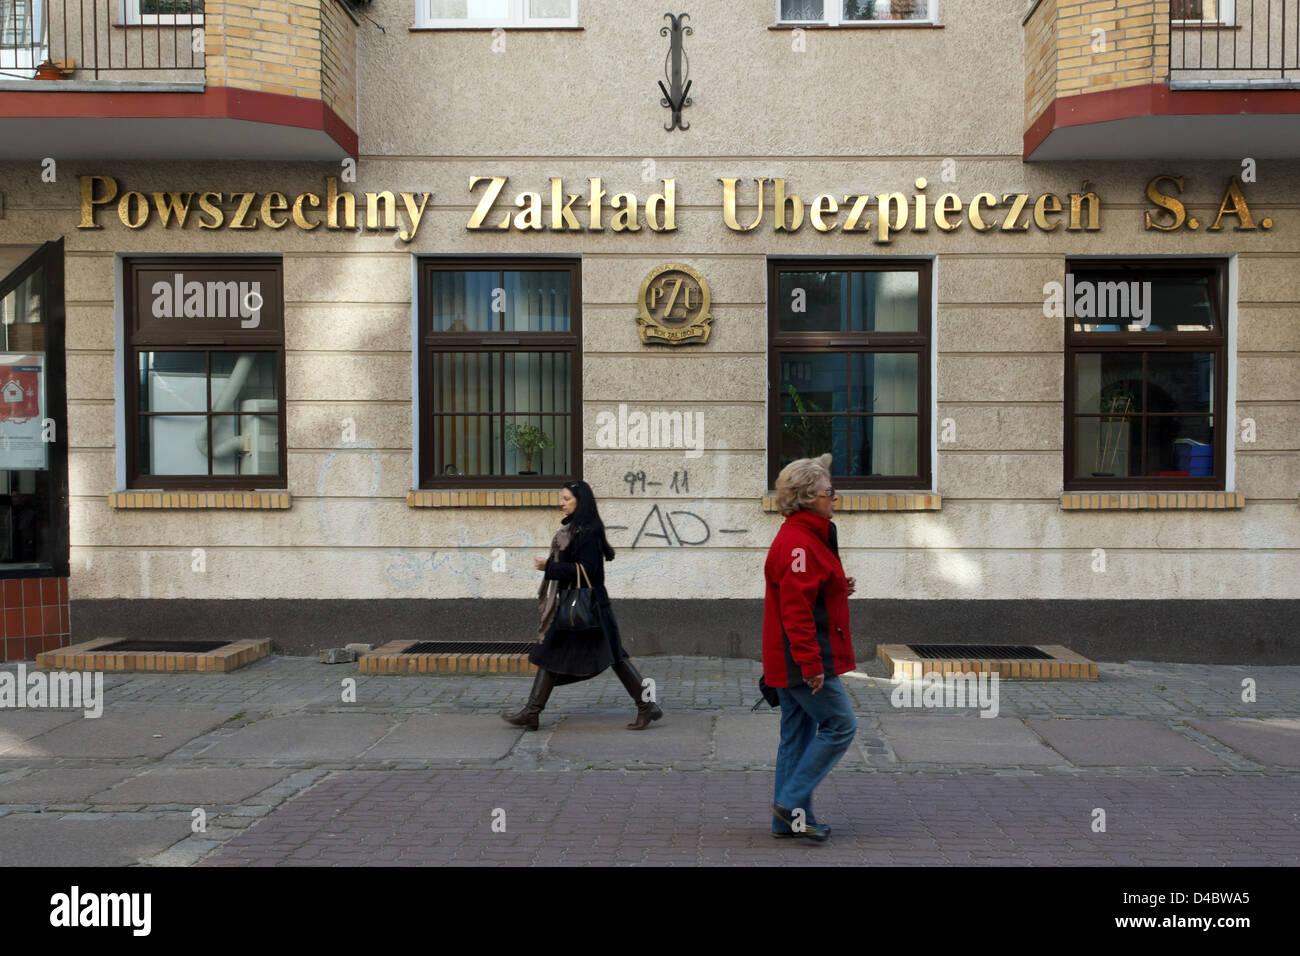 Kolobrzeg, Pologne, l'assurance Powszechny Zakład Ubezpieczen S.A. Banque D'Images